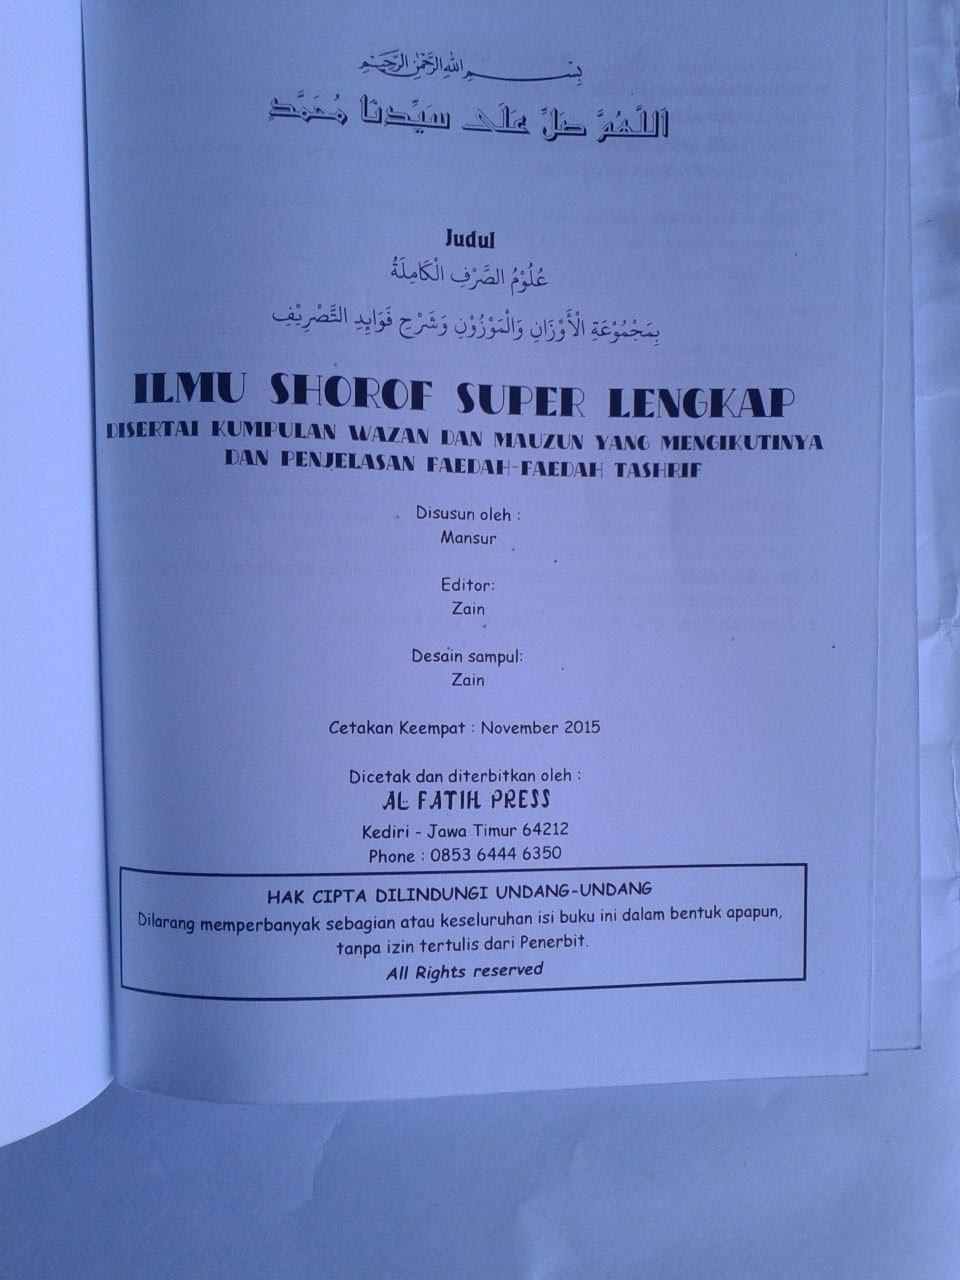 Buku Ilmu Shorof Super Lengkap Plus Faedah Tashrif isi 3